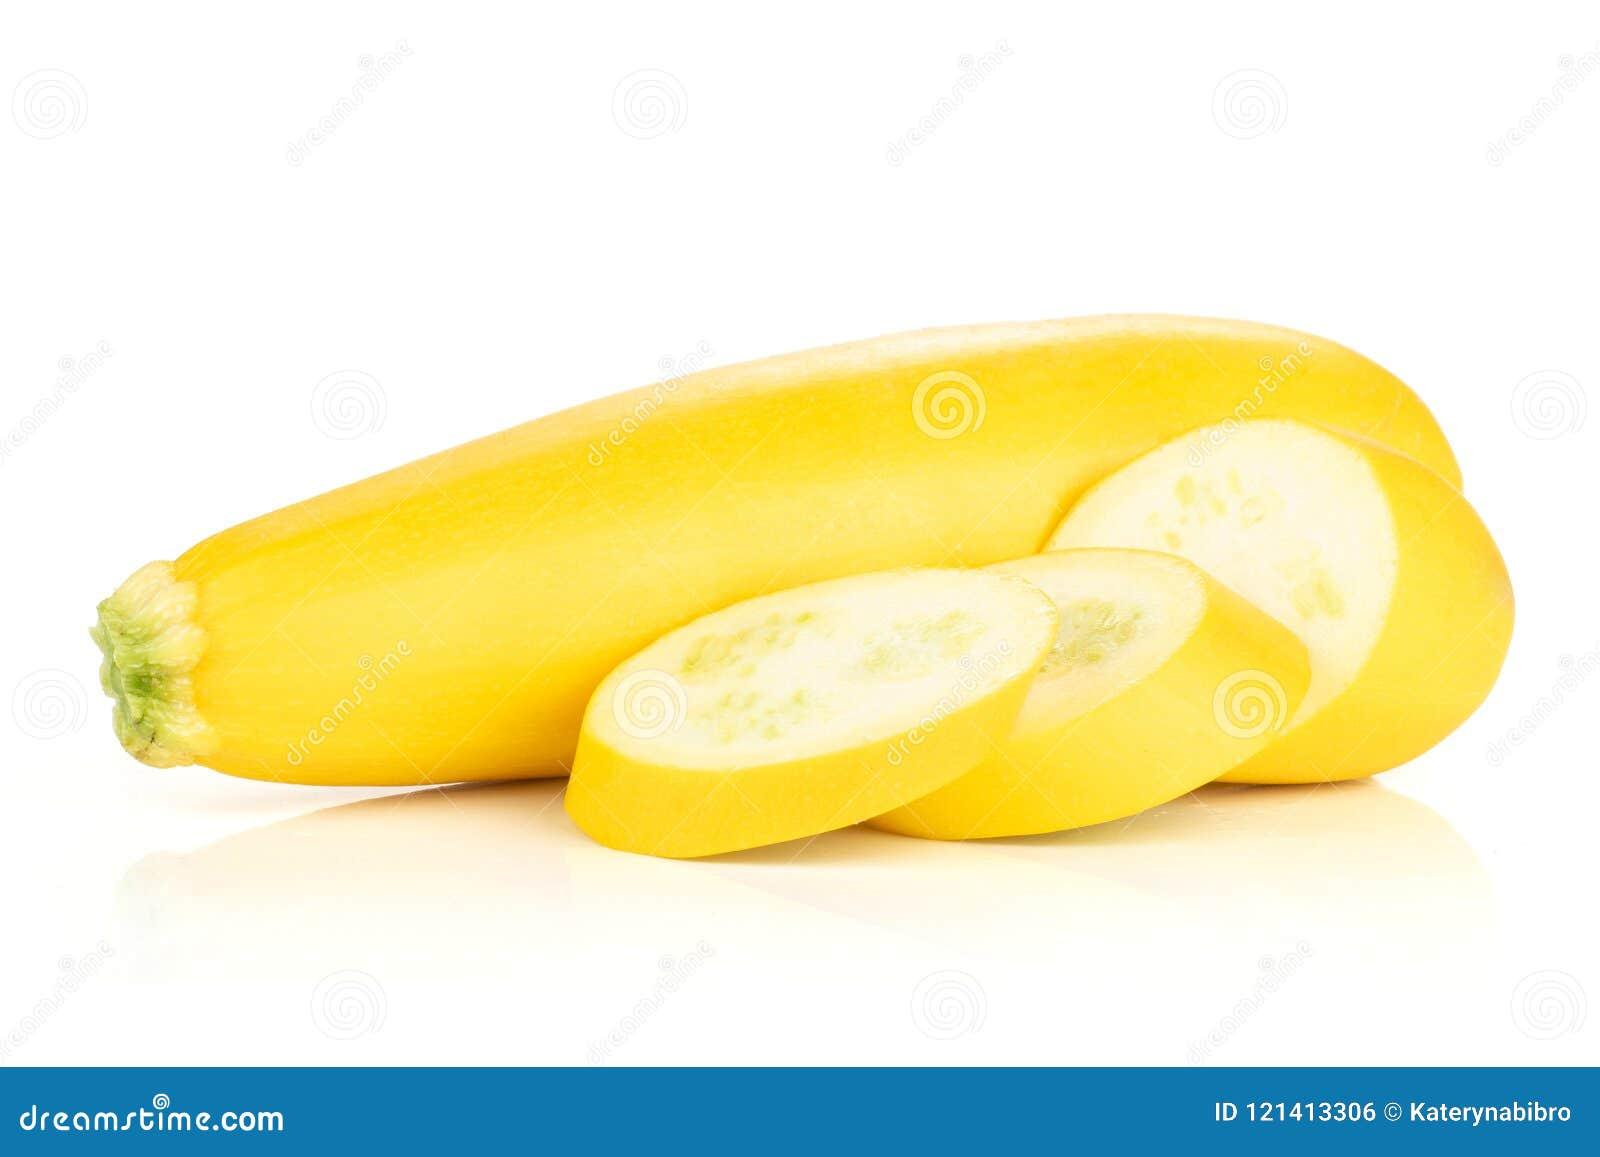 Φρέσκα ακατέργαστα κίτρινα κολοκύθια που απομονώνονται στο λευκό